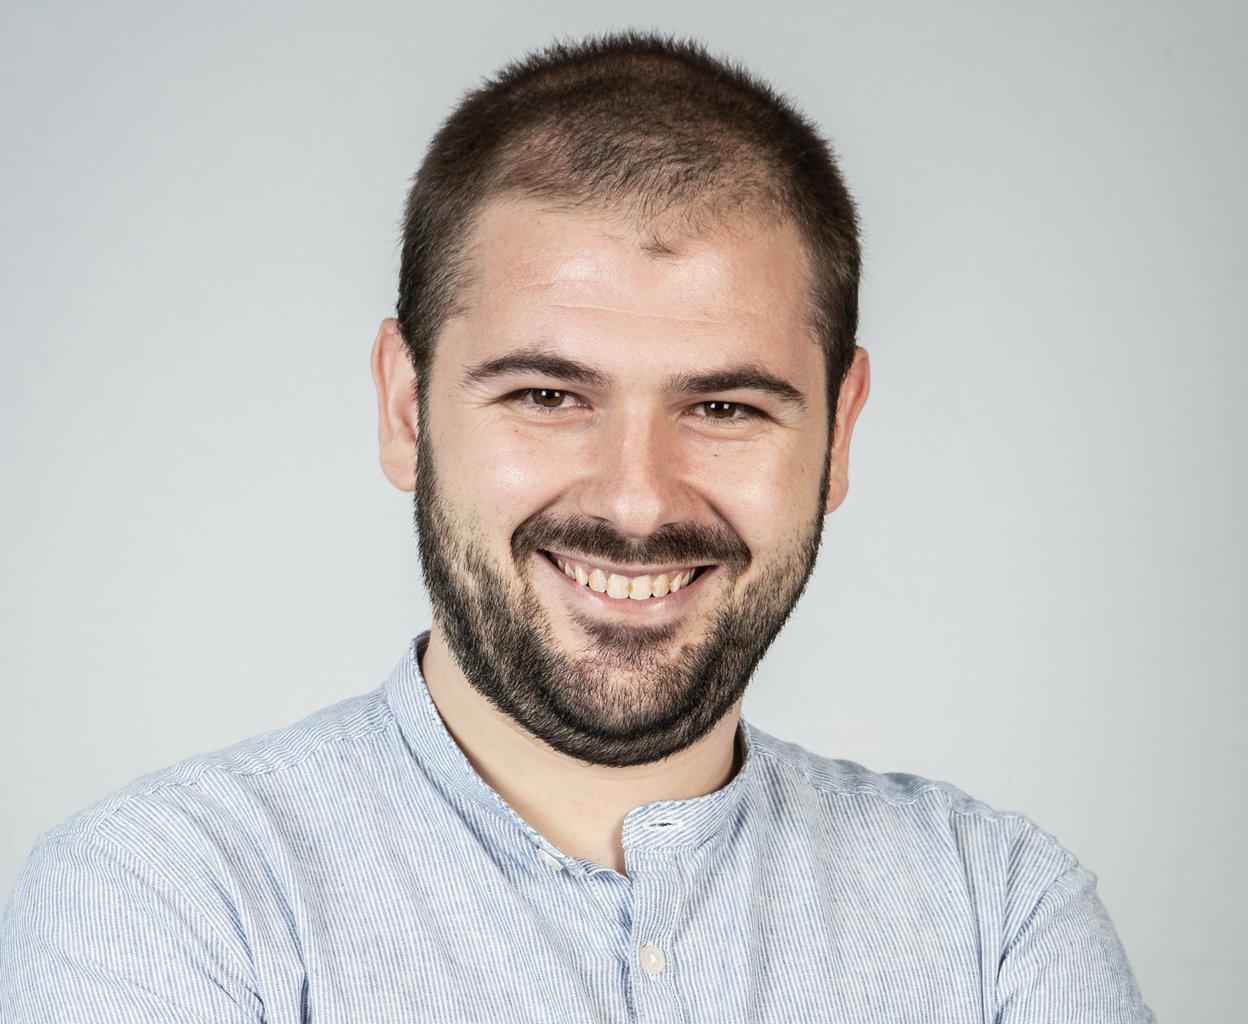 Vito Iovino